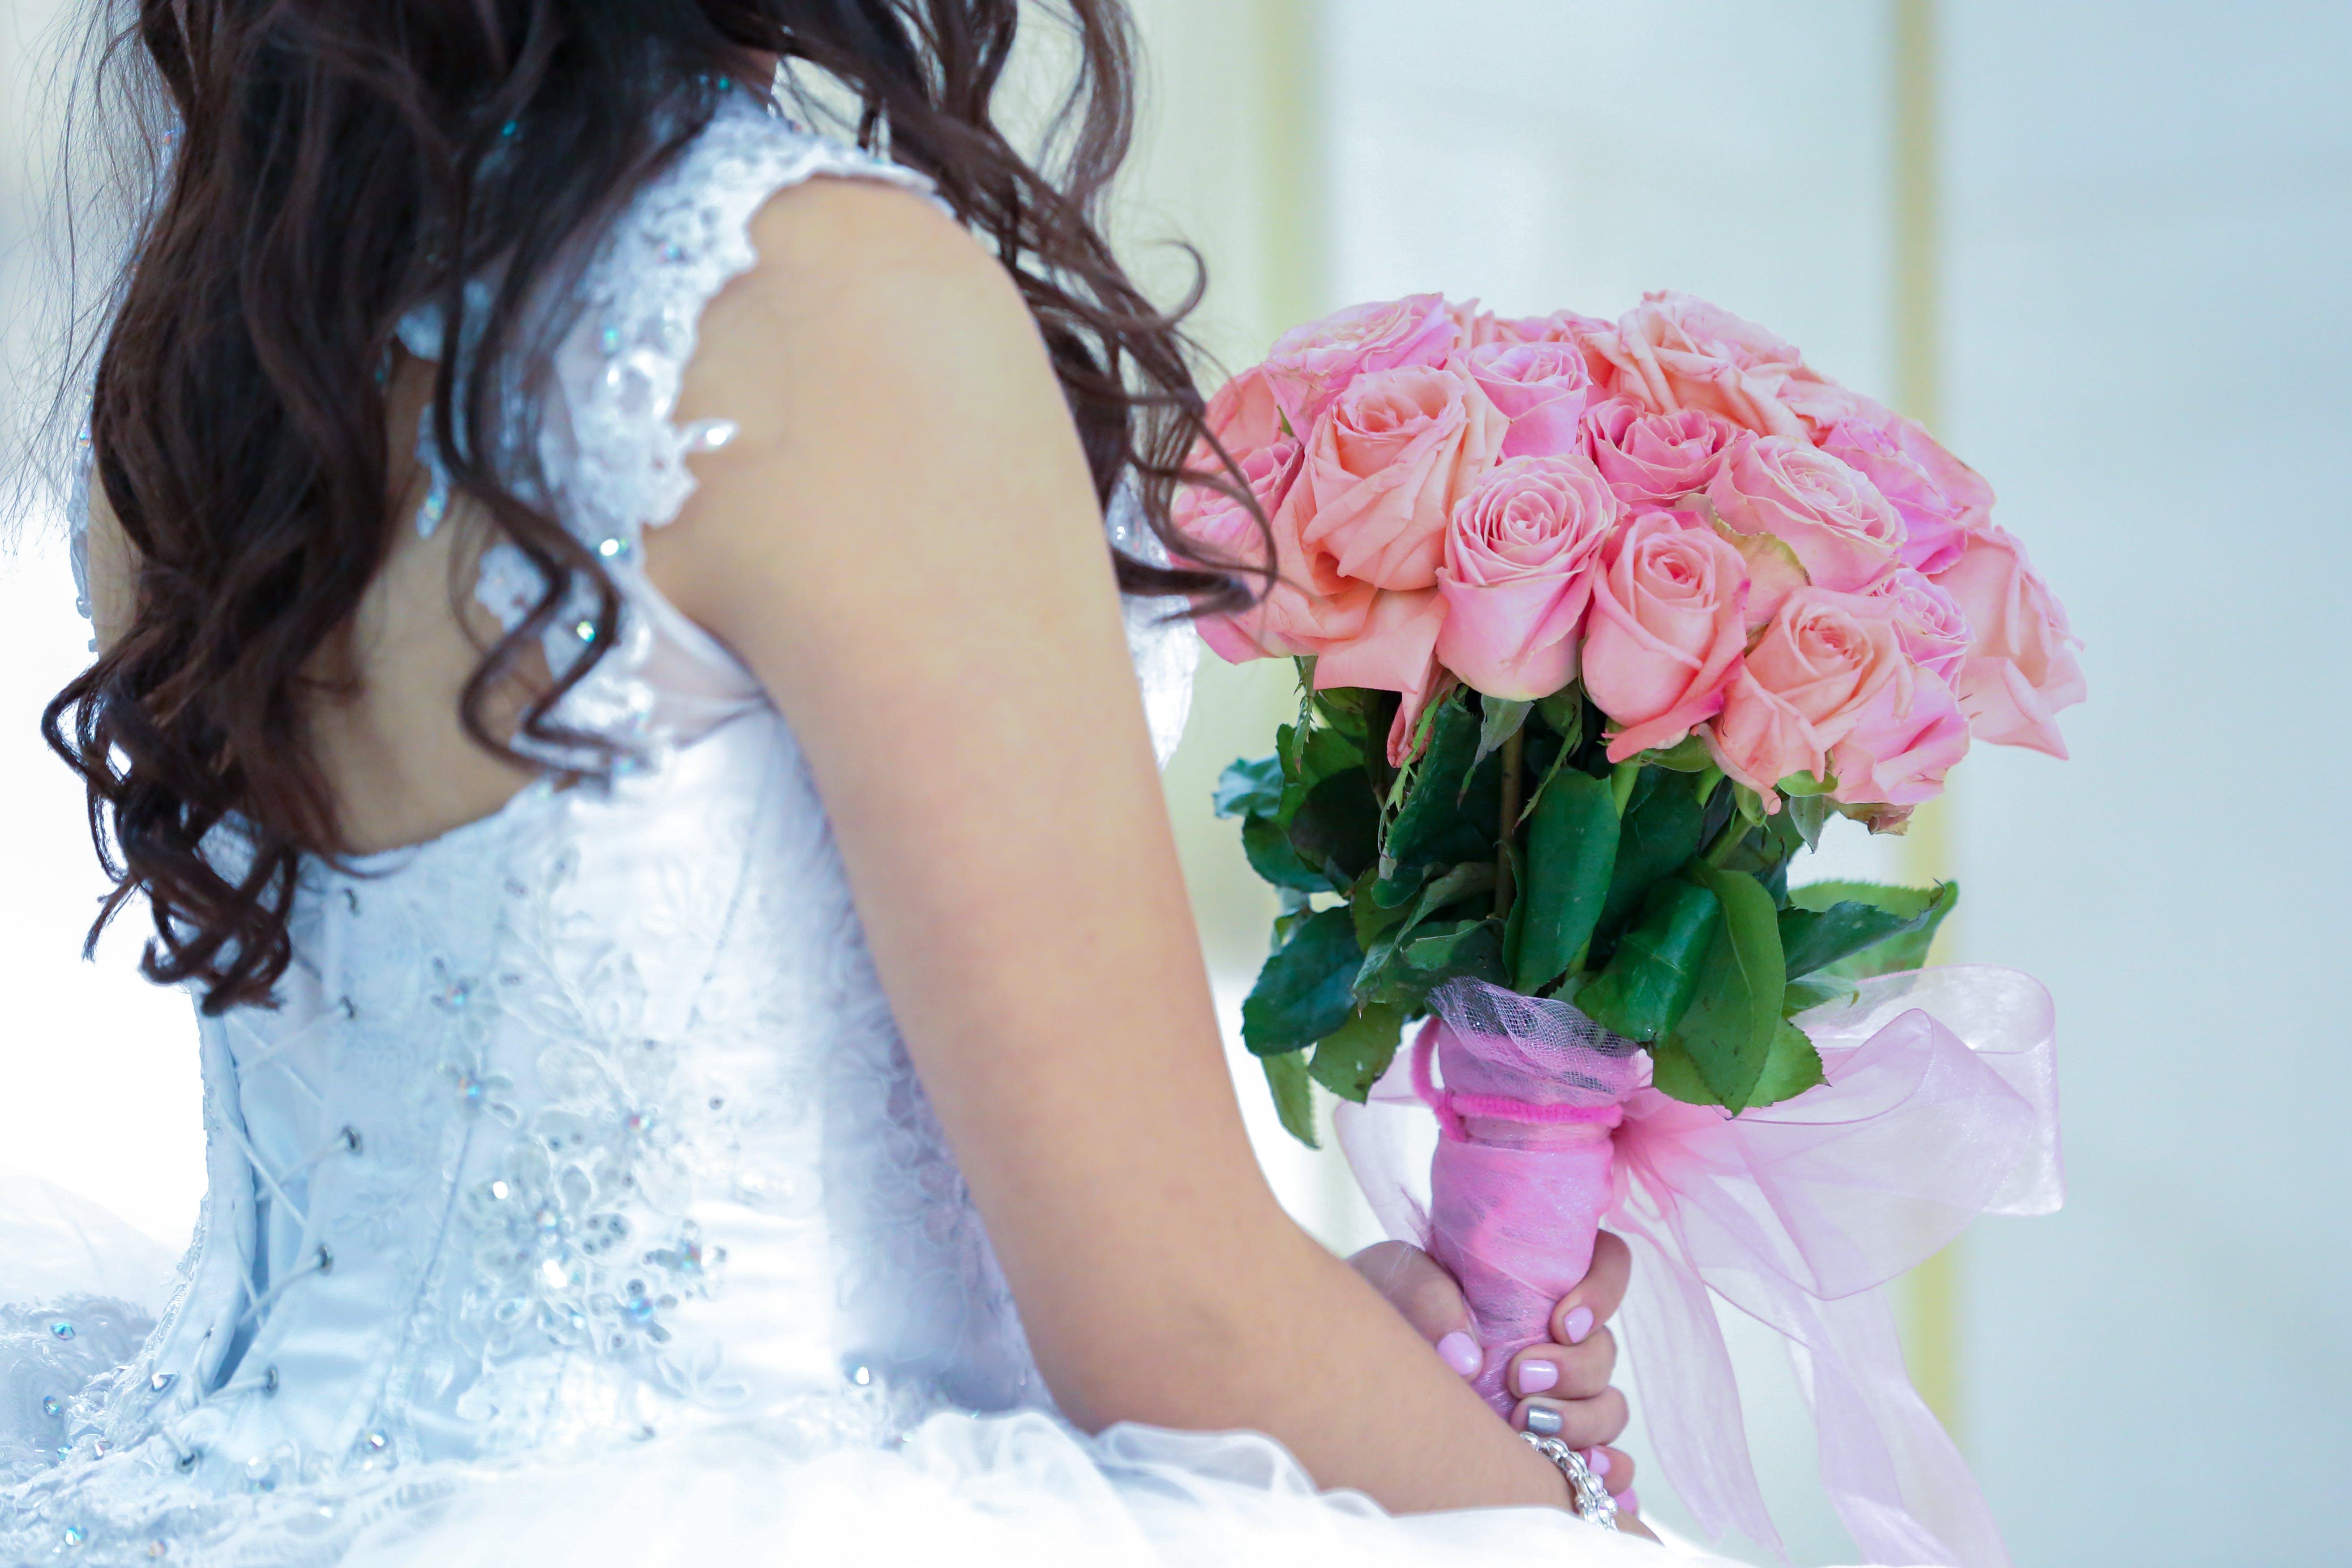 Δωρεάν στοκ φωτογραφιών με άνθρωπος, γαμήλια τελετή, γαμήλιο μπουκέτο, γαμήλιος